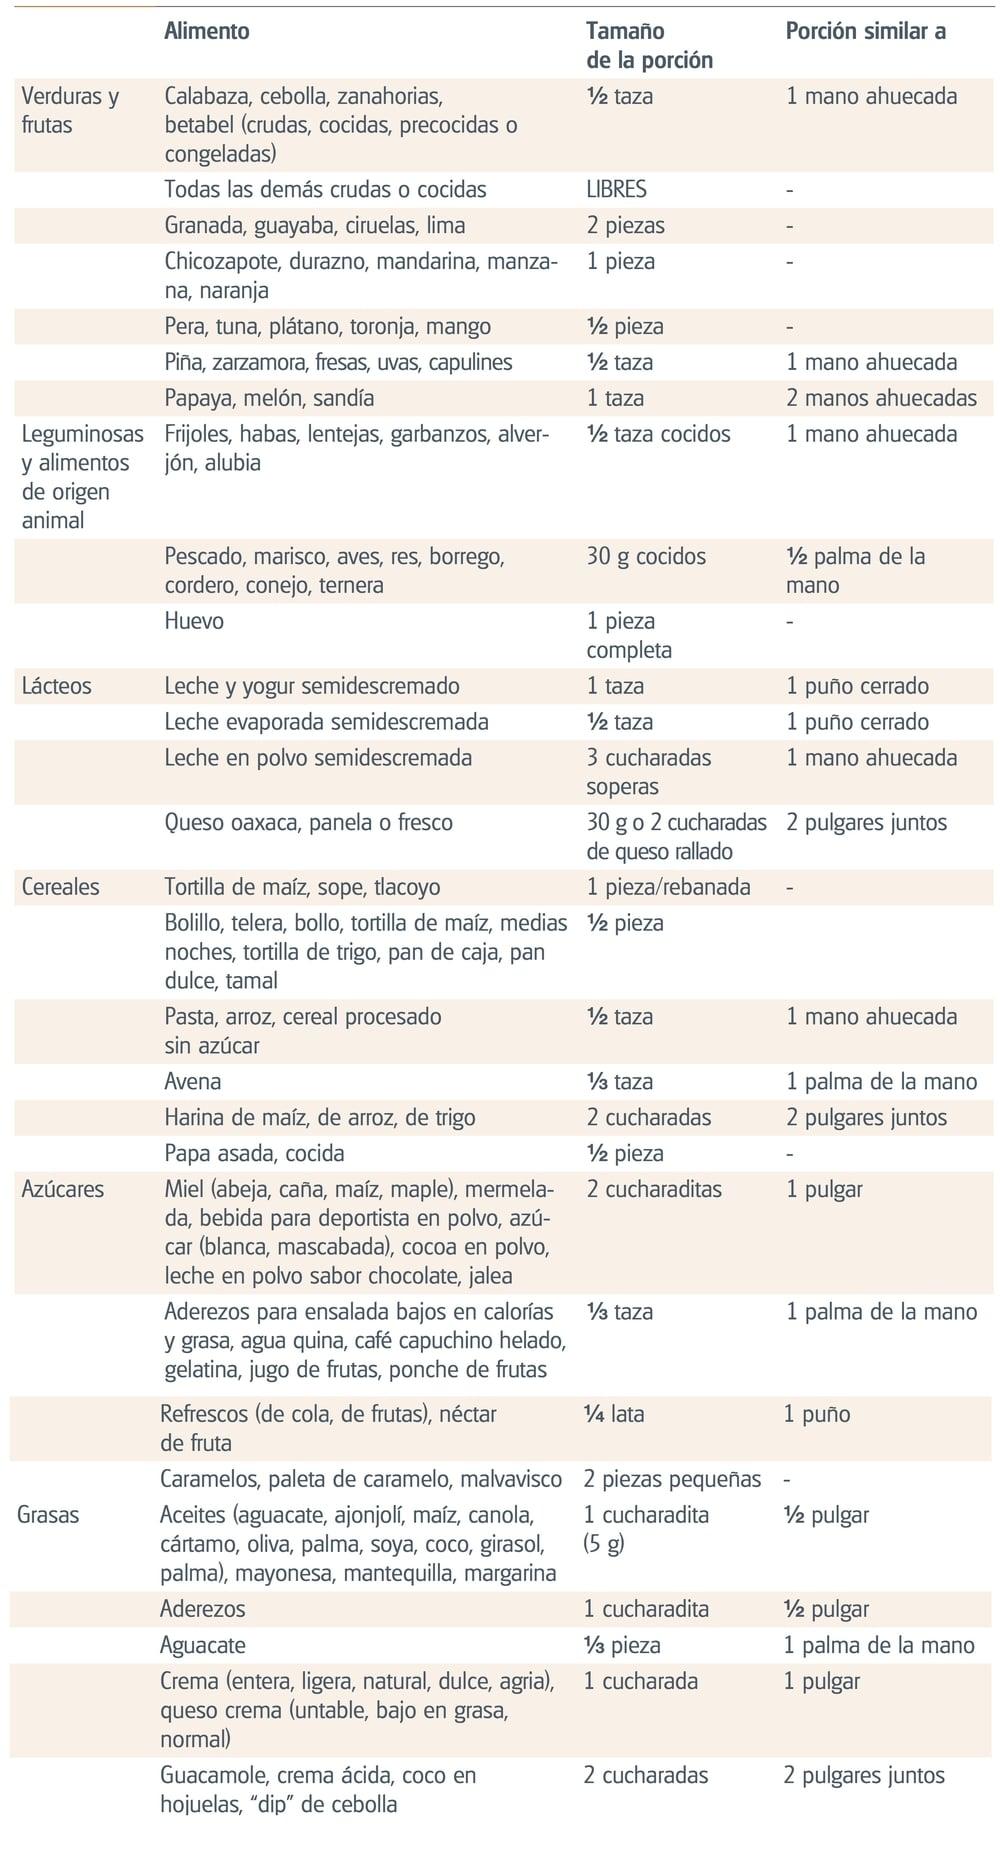 """Tomado de """"Guías Alimentarias y de Actividad Física"""" en contexto de sobrepeso y obesidad en la población mexicana. CONACYT."""